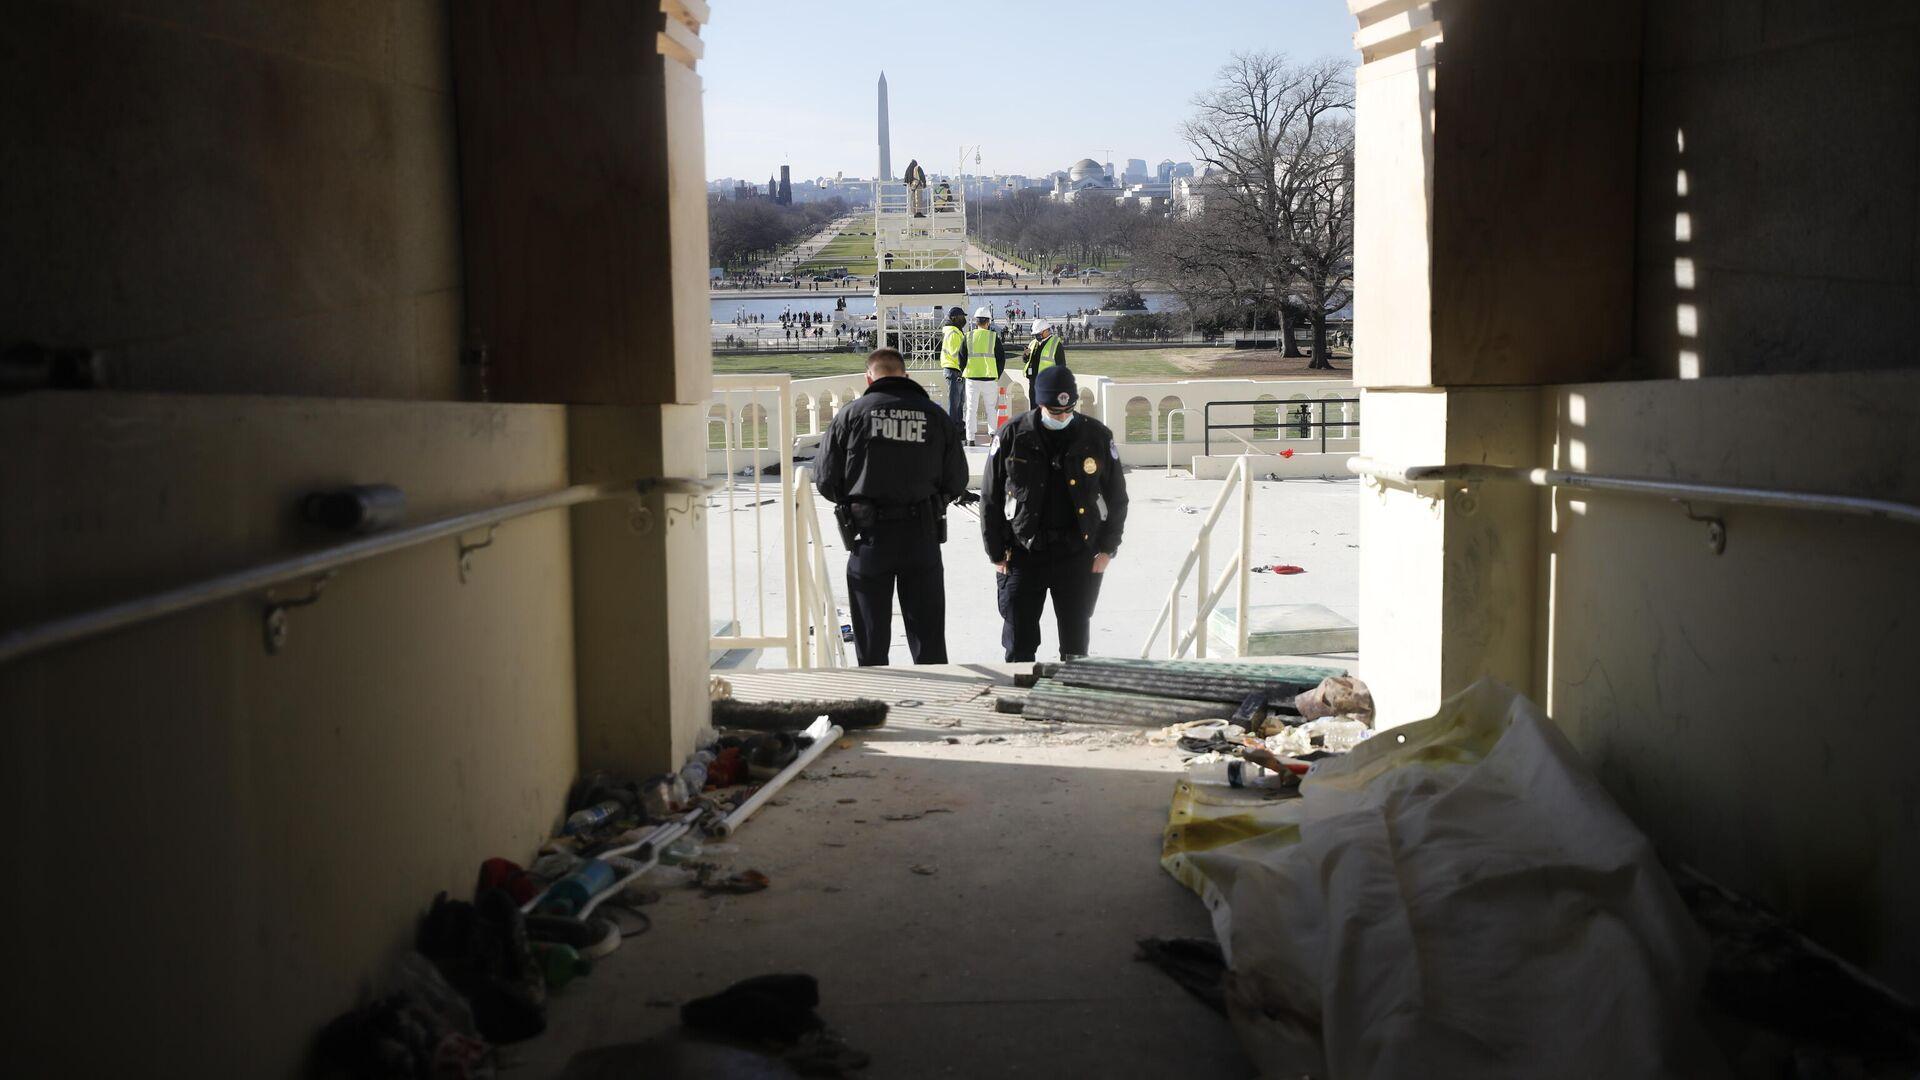 Последствия штурма Капитолия (здания Конгресса США) сторонниками Дональда Трампа на Капитолийском холме в Вашингтоне - РИА Новости, 1920, 17.01.2021